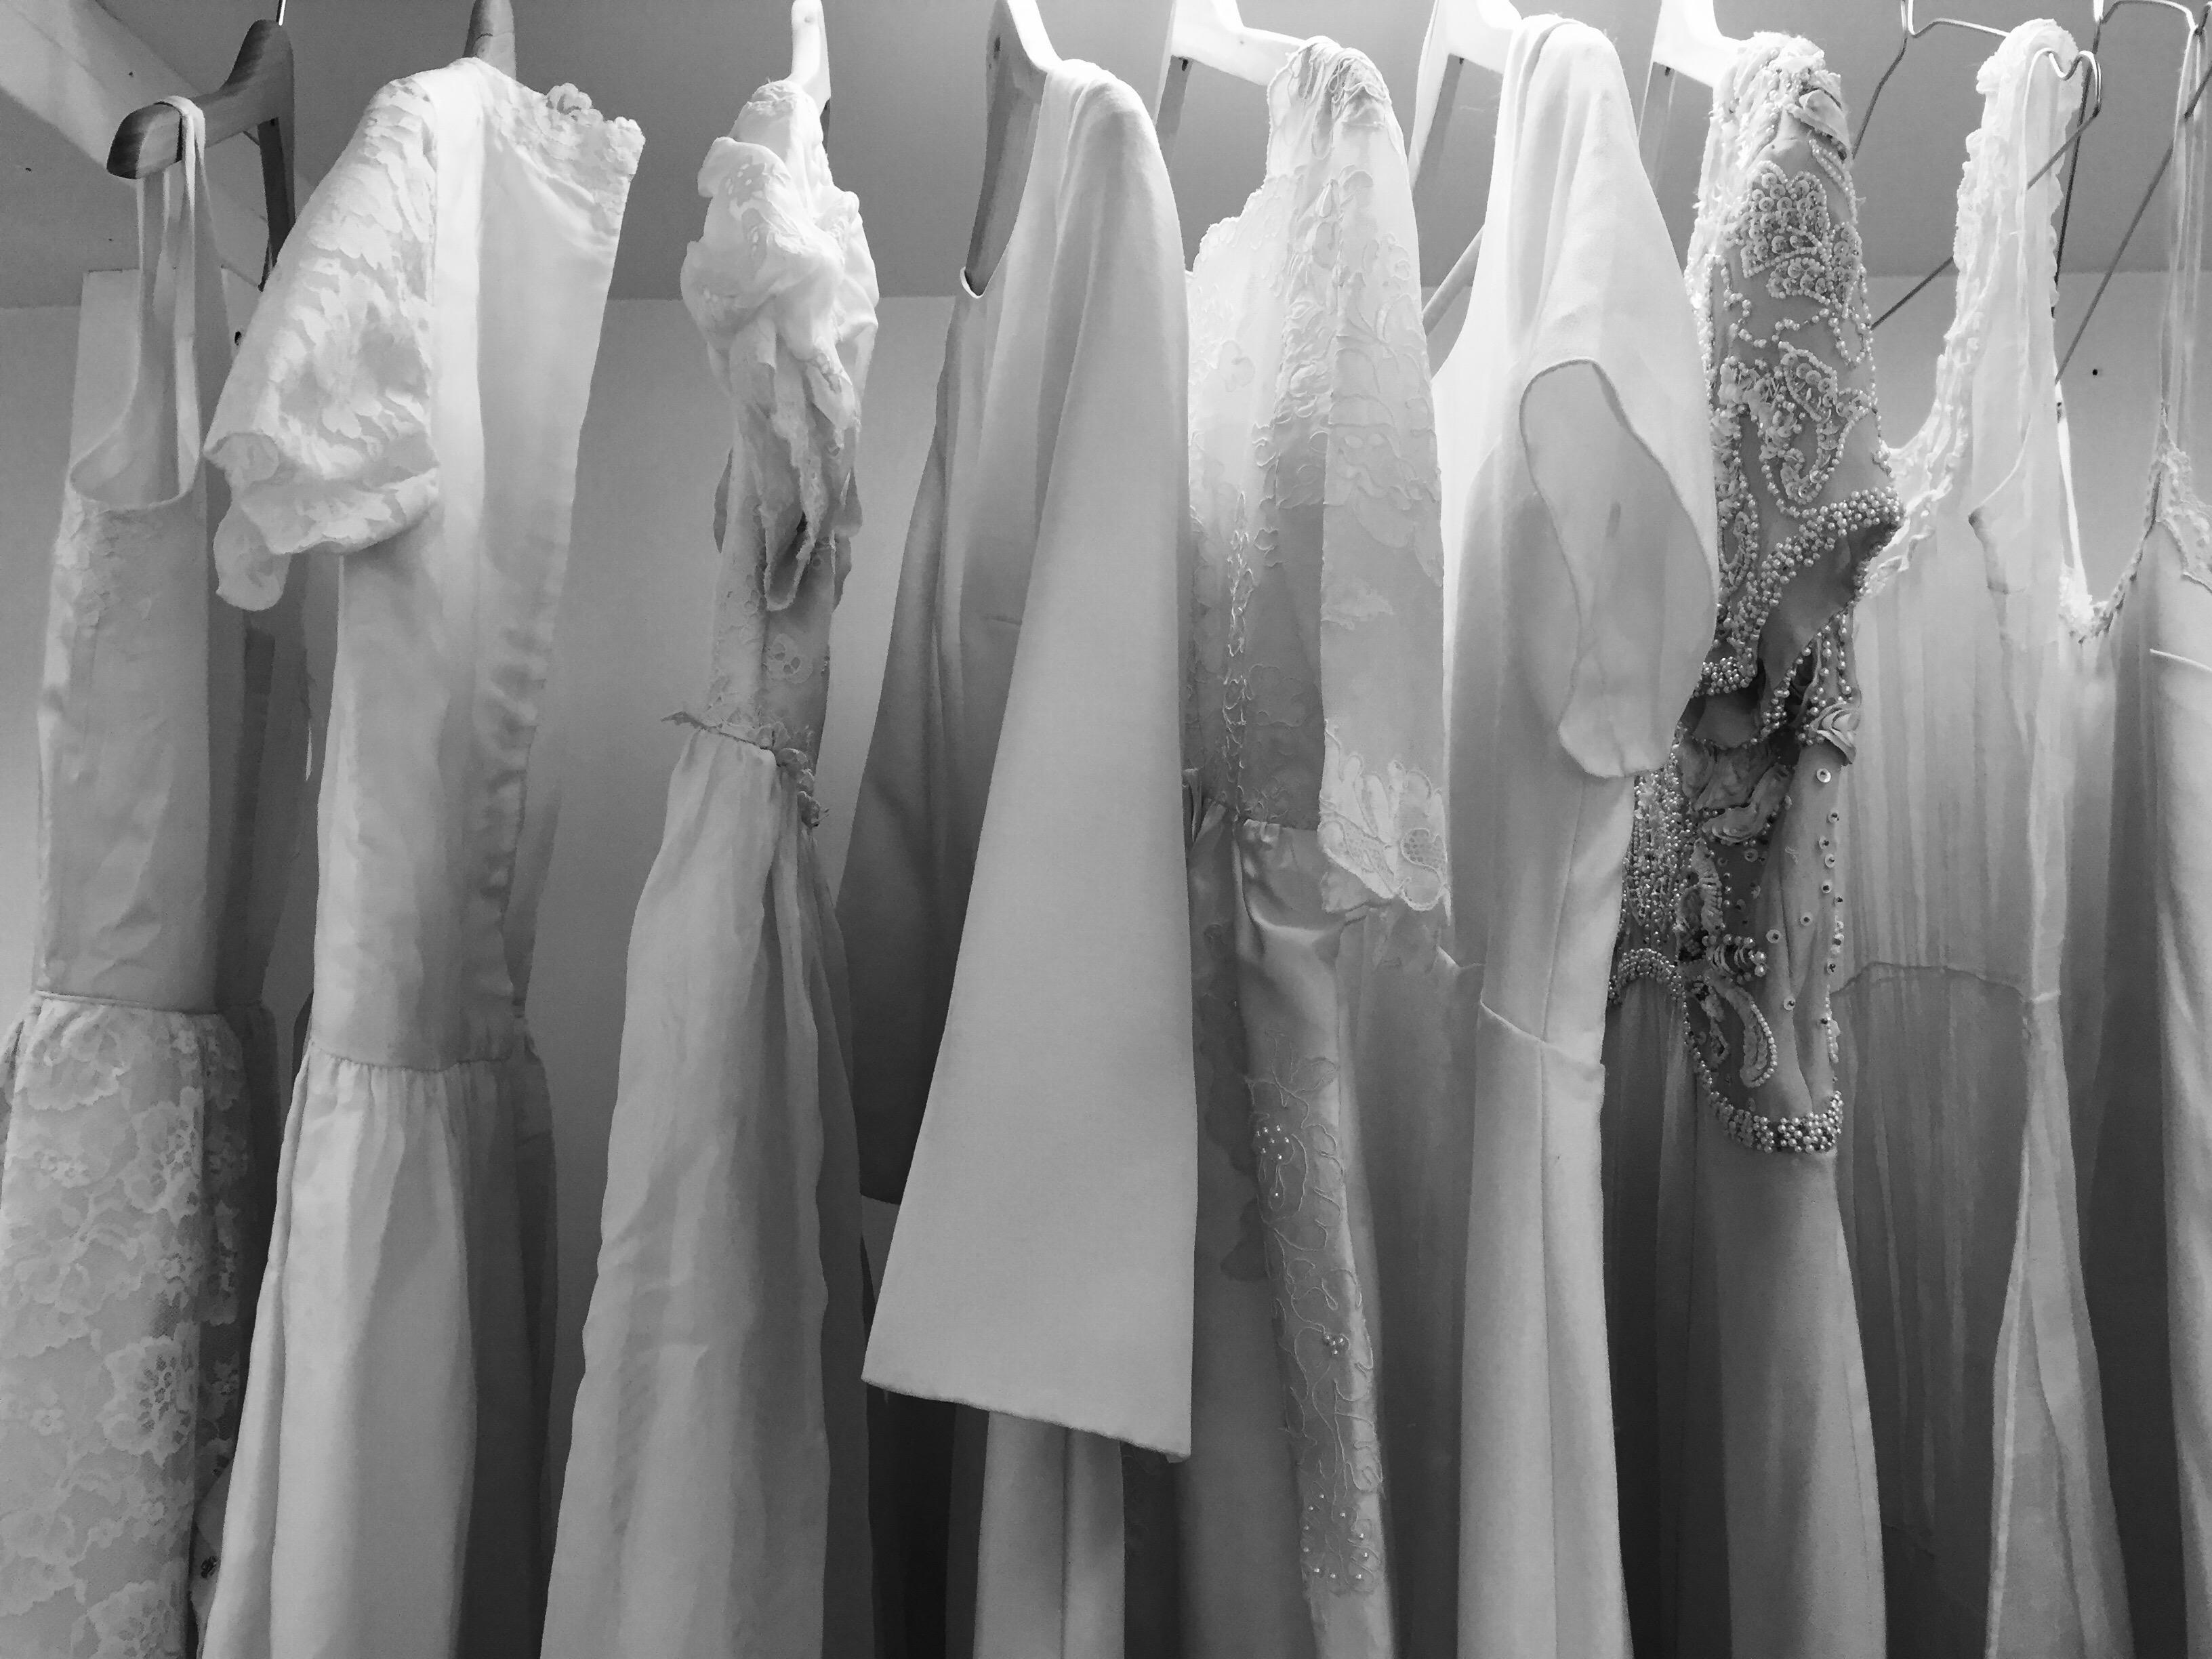 5ac113fef5f2 Vintageklänningar till bröllop - Klädoteket